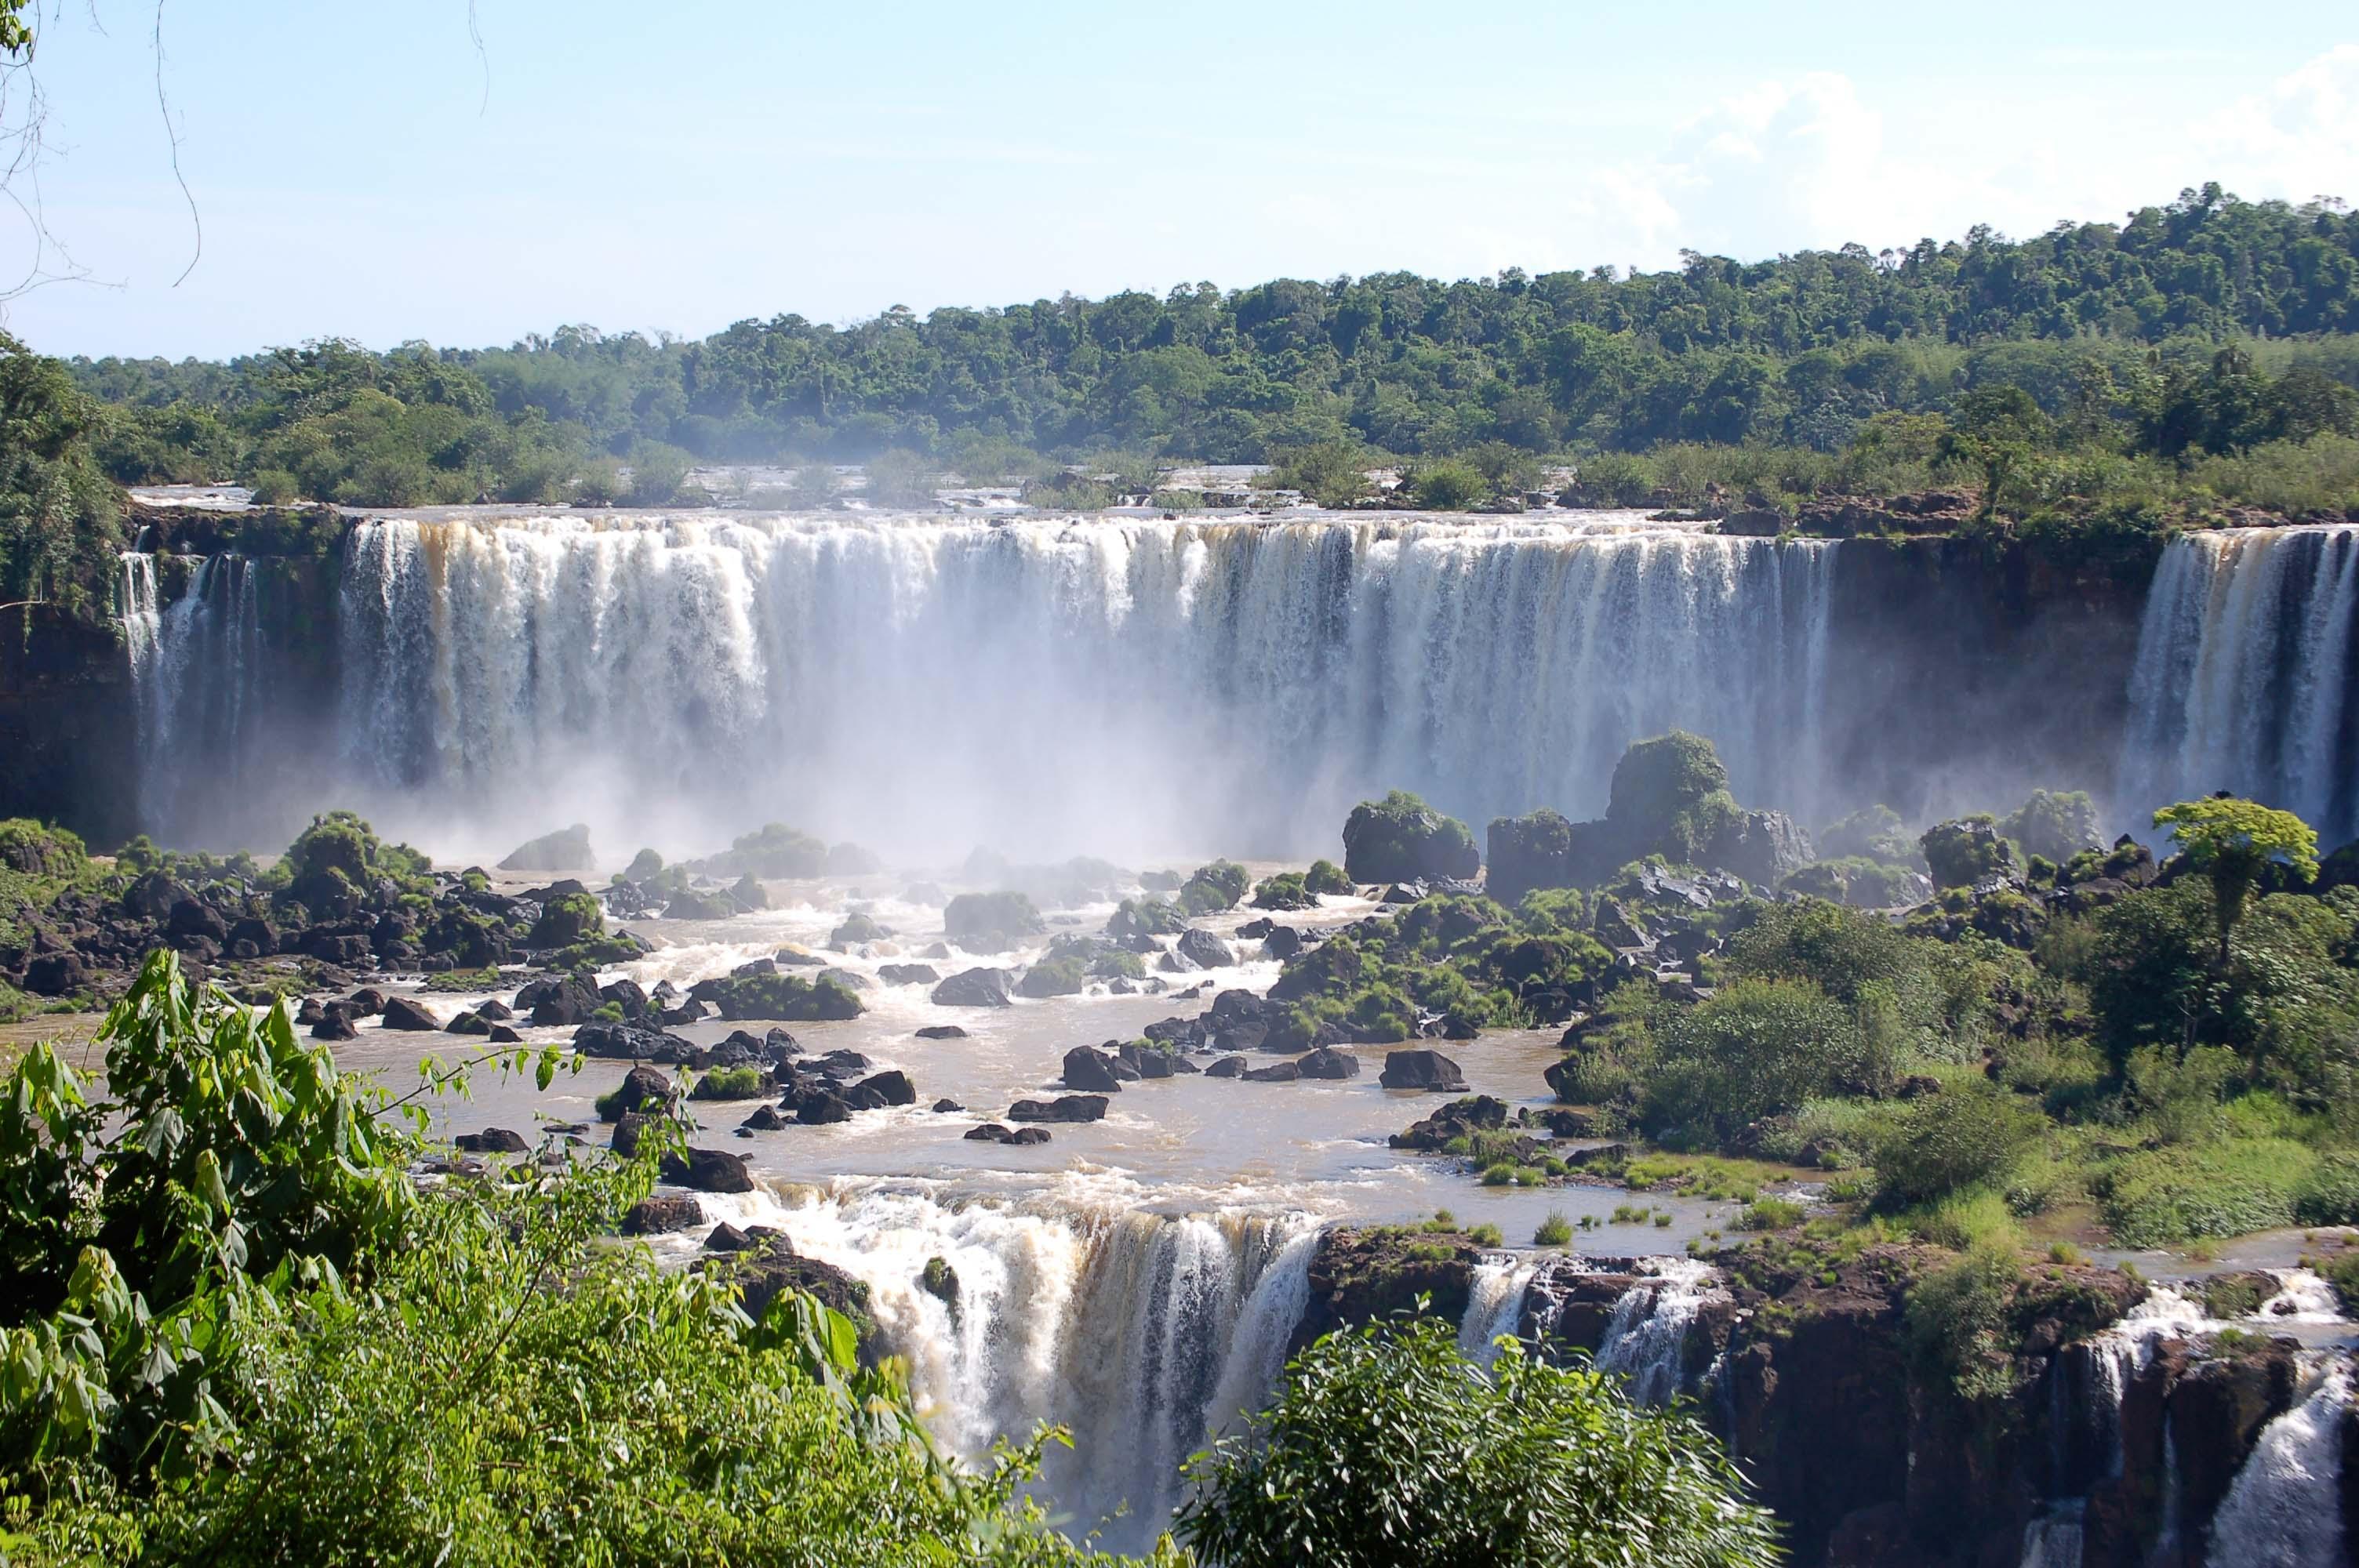 Découverte spectaculaire au cœur de la jungle d'Iguazú